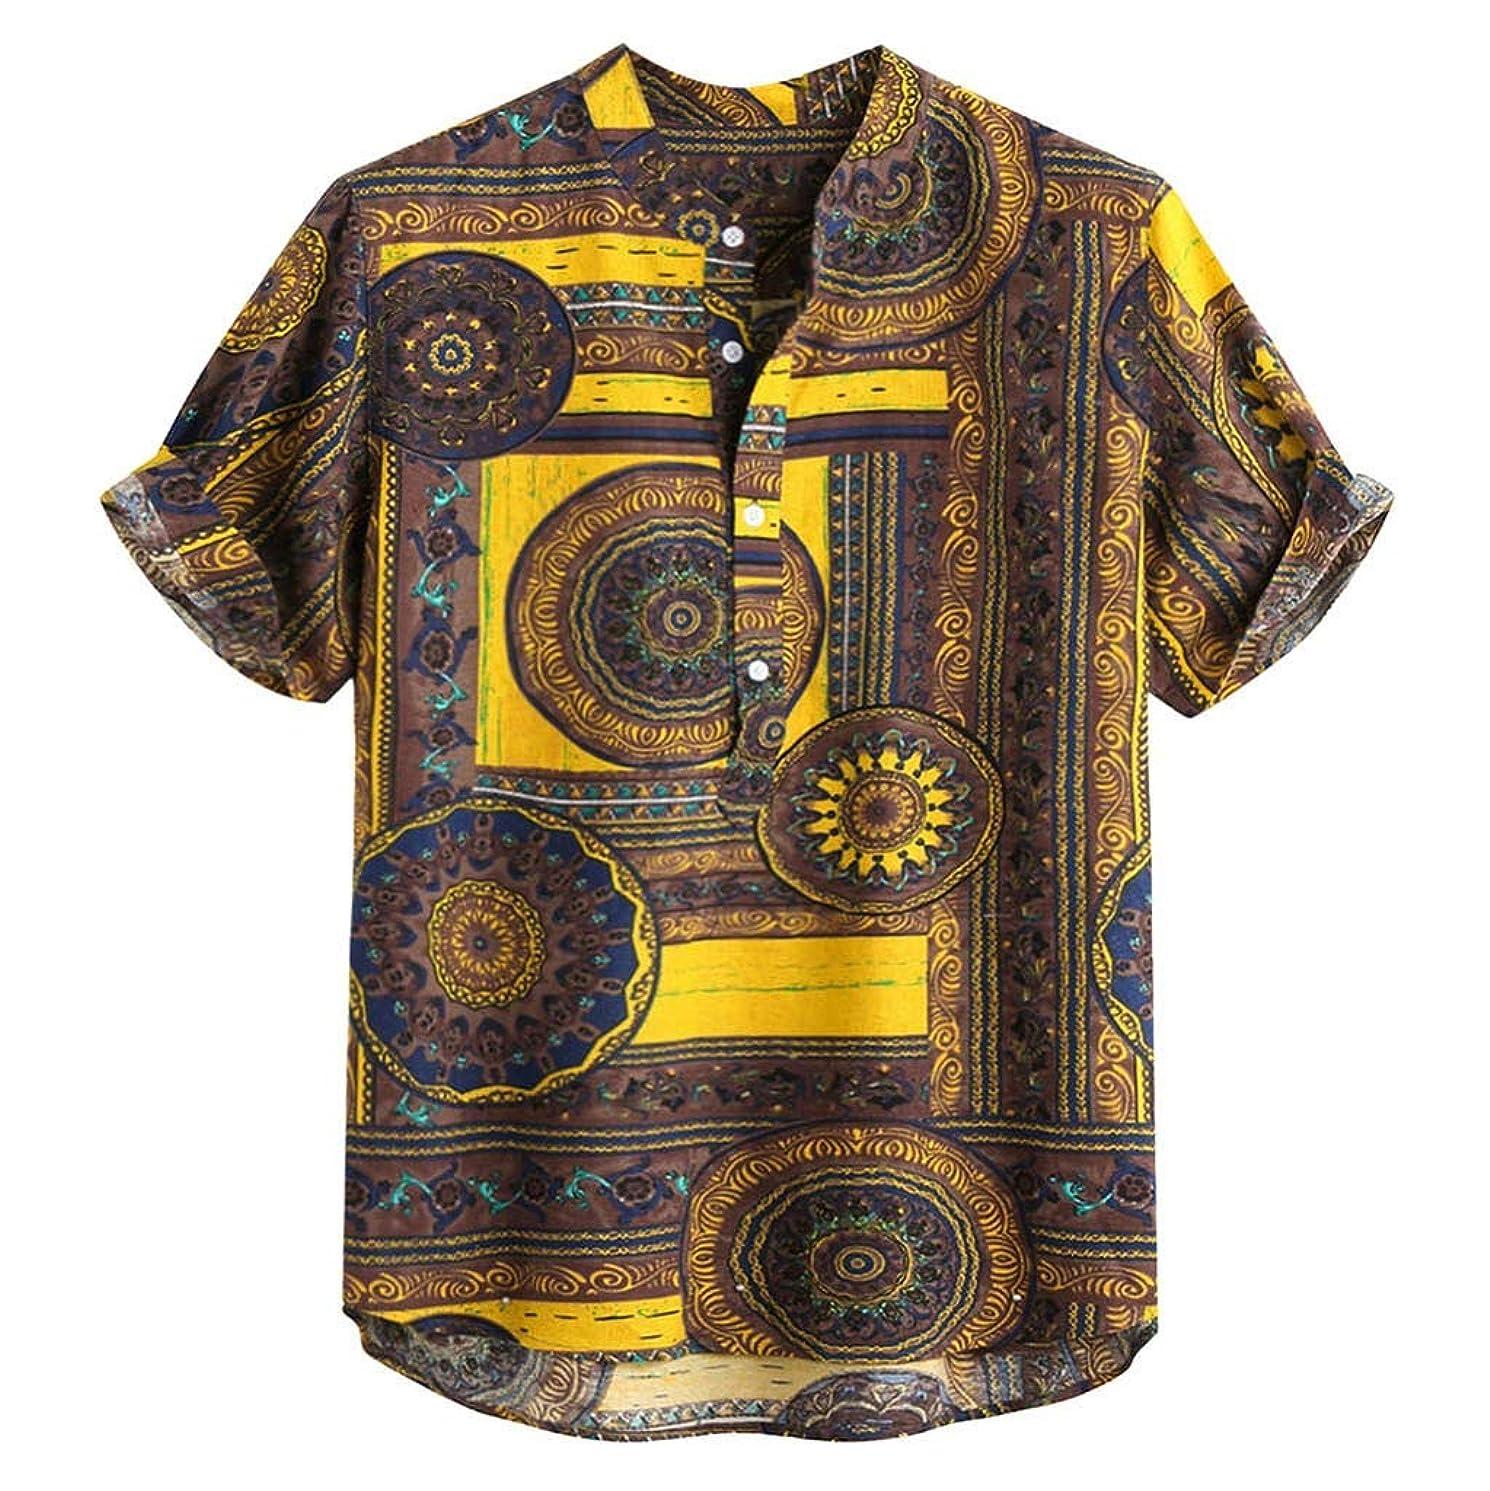 JJLIKER Men's Vintage Short Sleeve Henley Shirts Print Baggy Cotton Linen Hipster Tee Button Tops Blouse